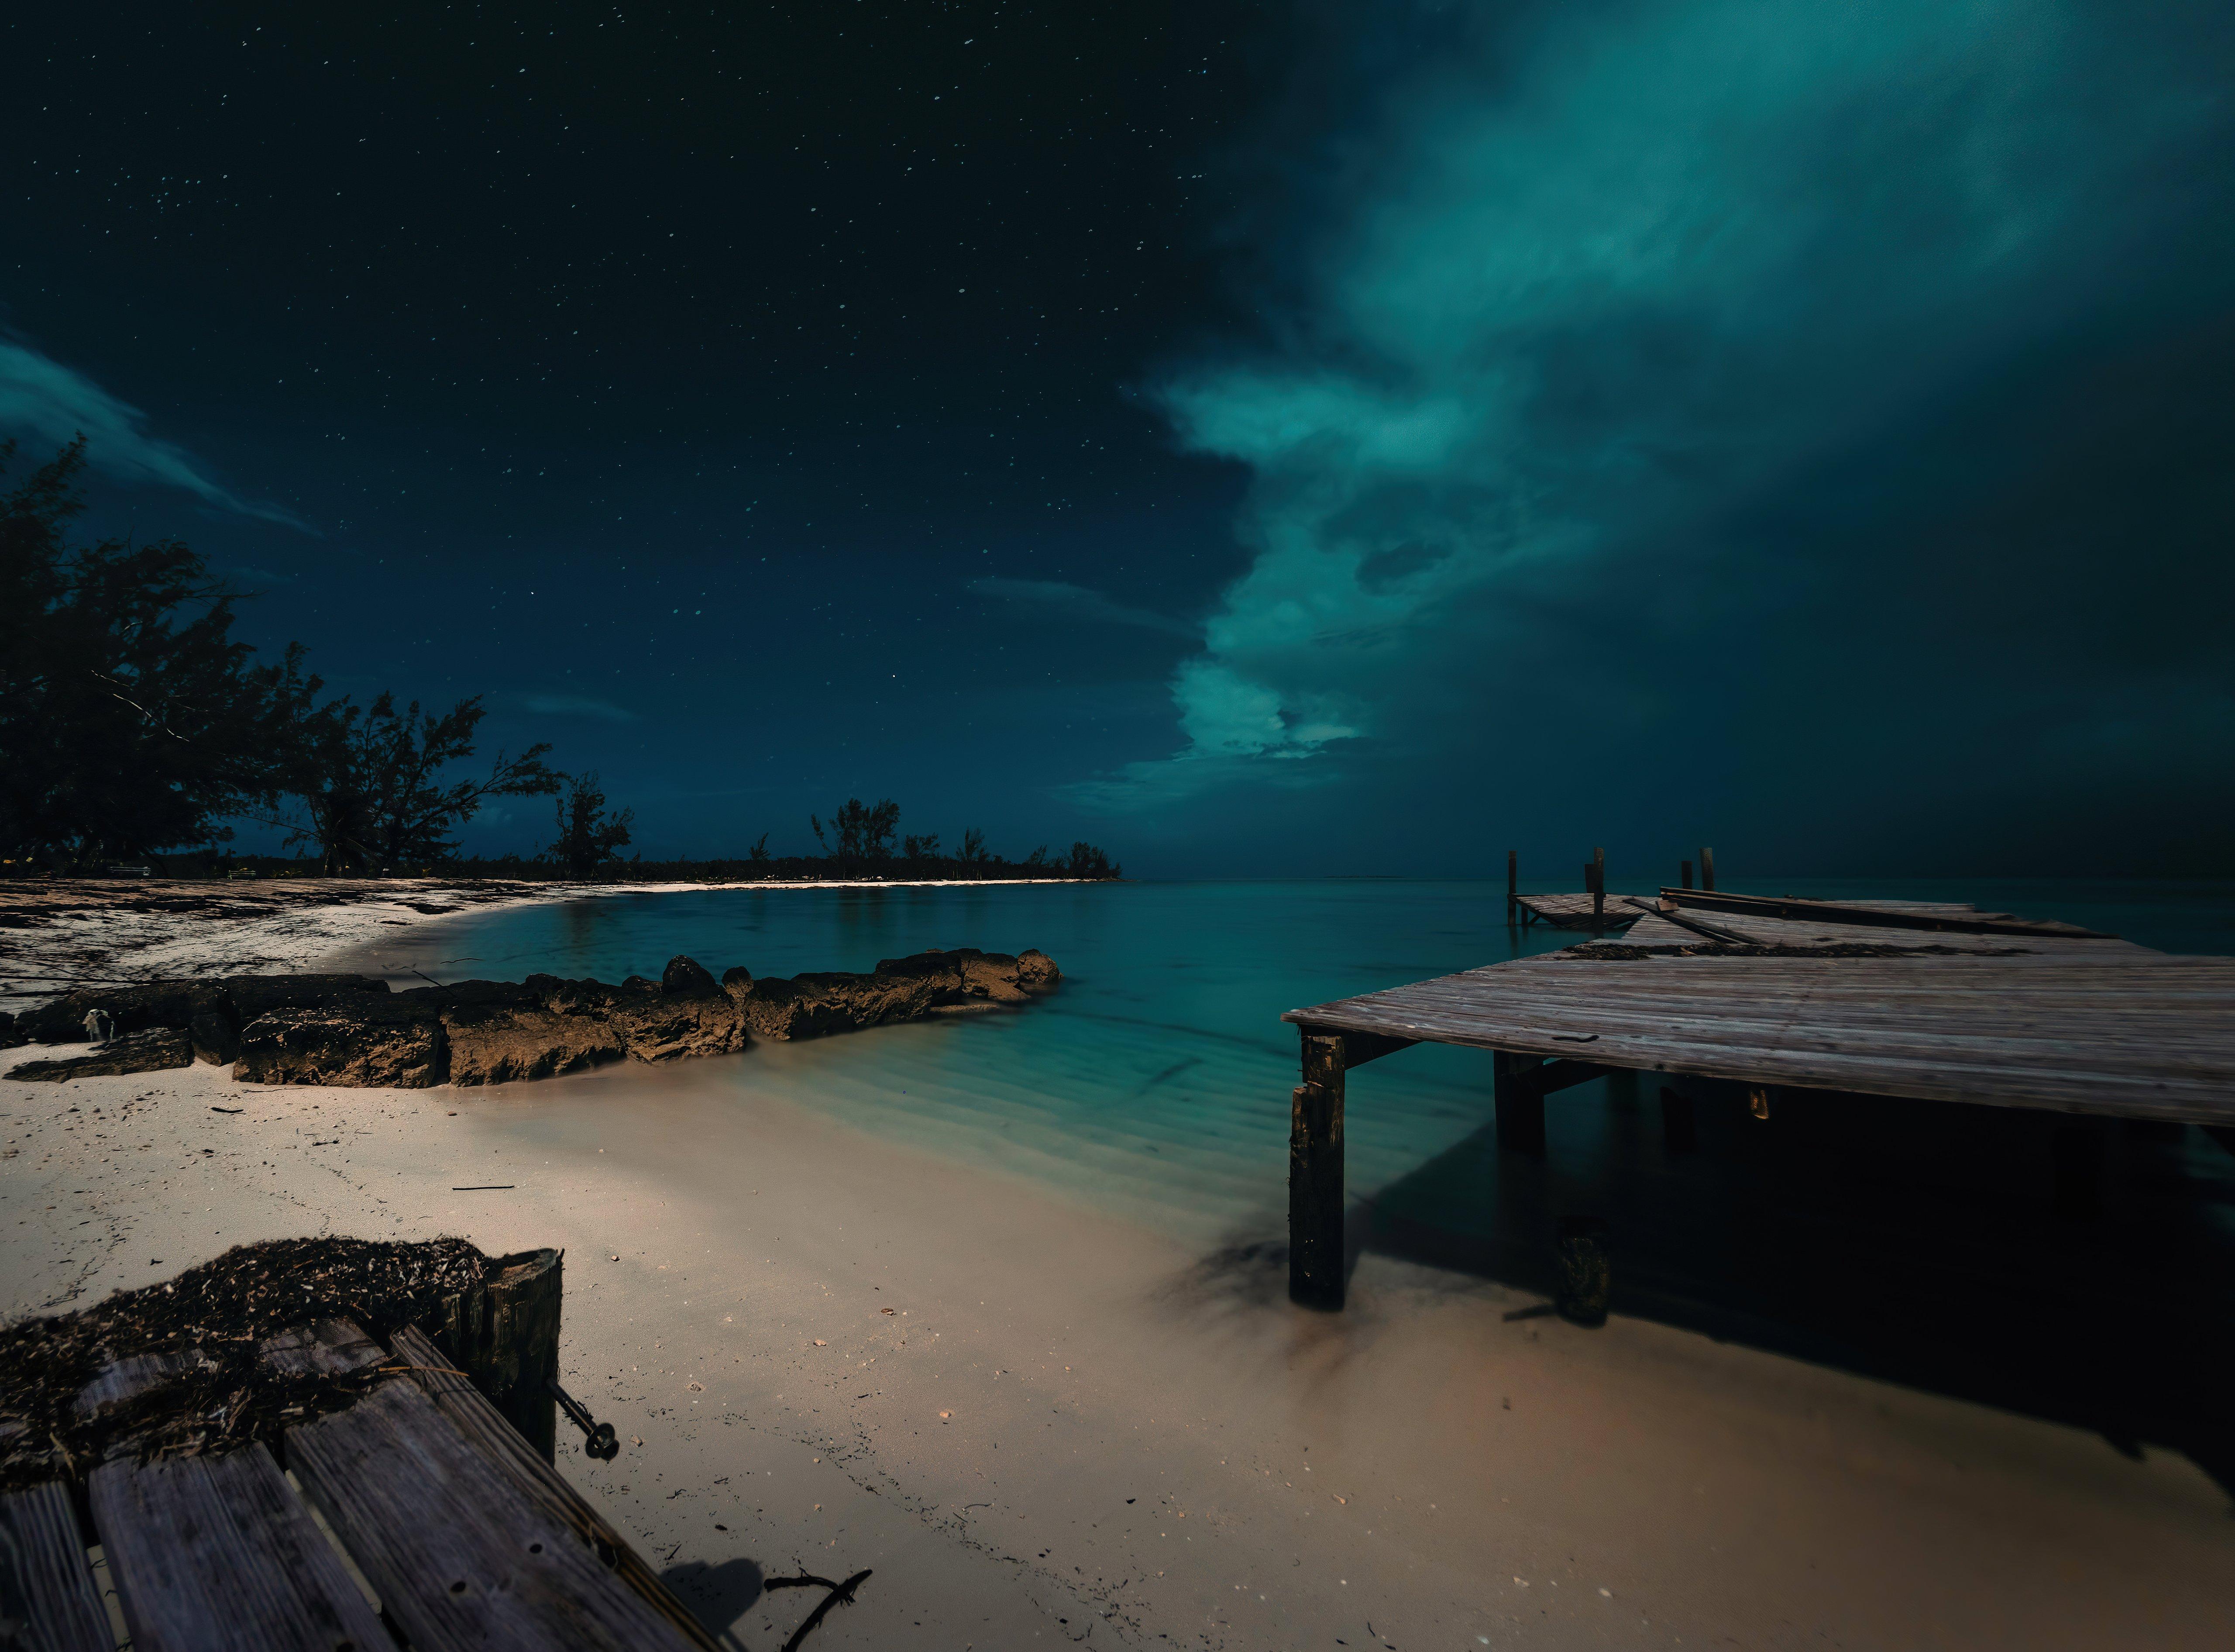 Fondos de pantalla Playa nocturna en las Bahamas